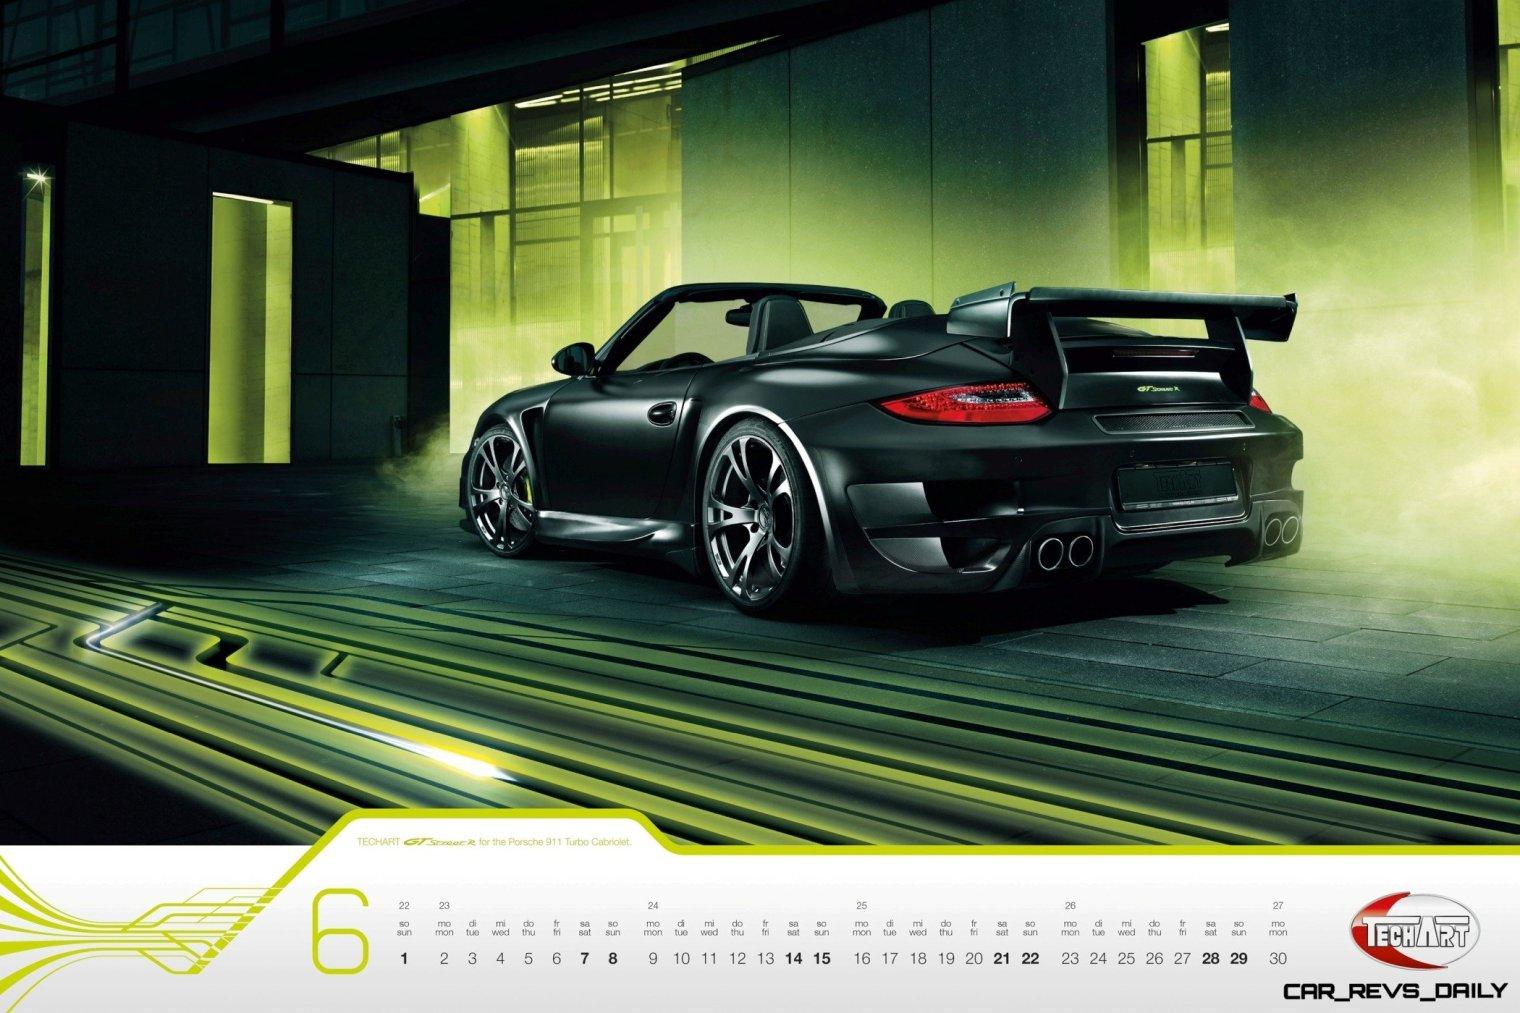 TECHART_Calendar_2014_June